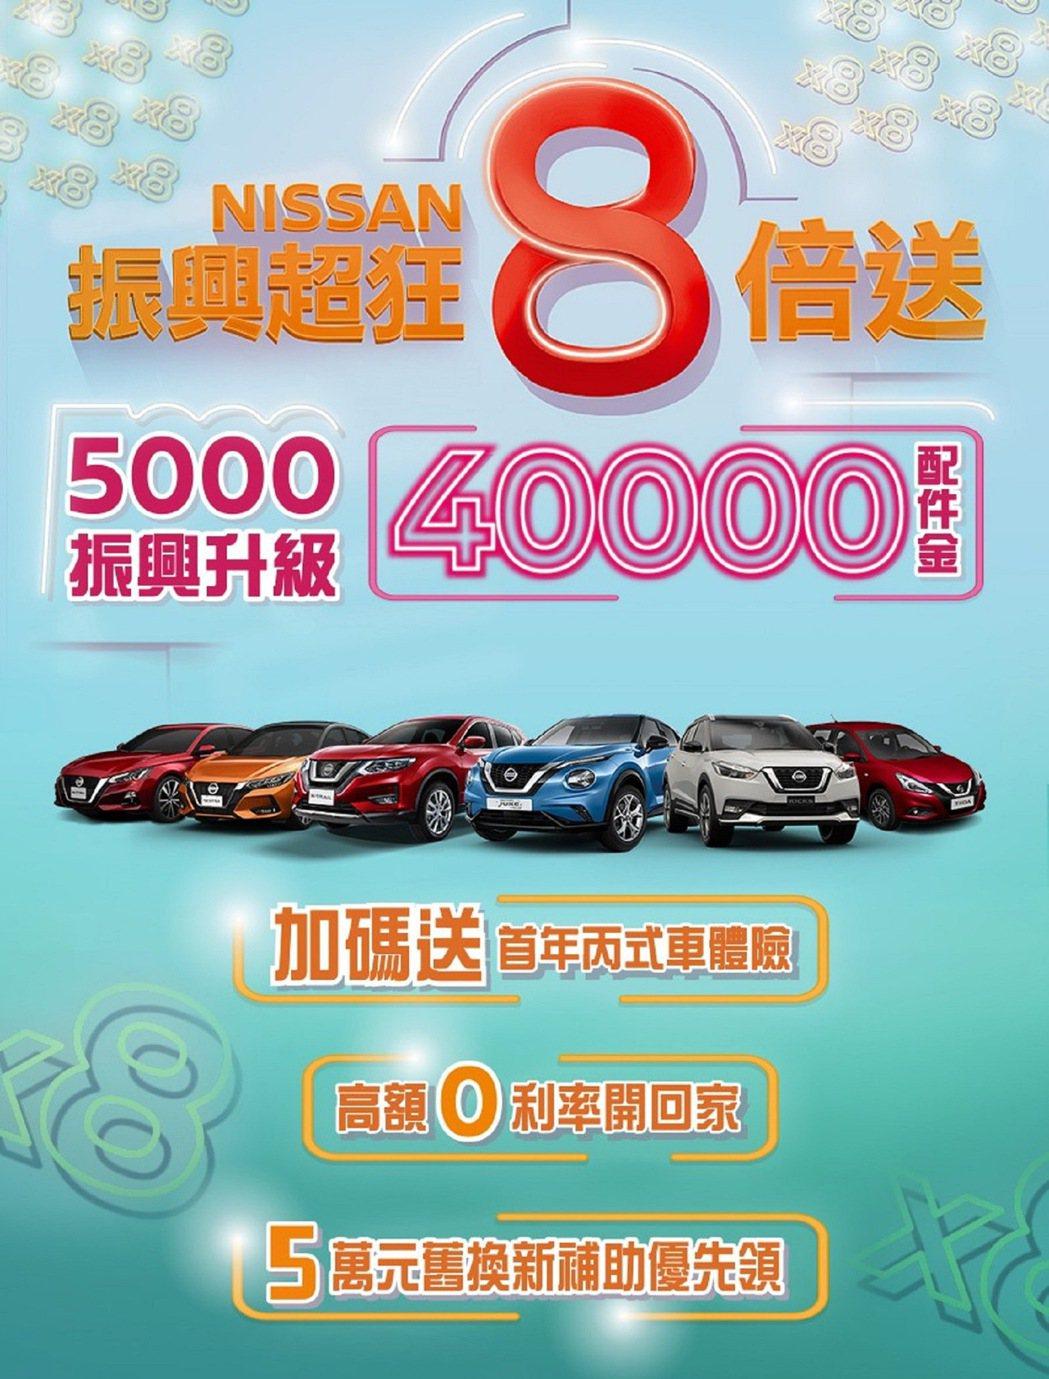 為滿足消費者期待與購車需求,裕隆日產率先響應政府振興政策,限時推出「NISSAN...